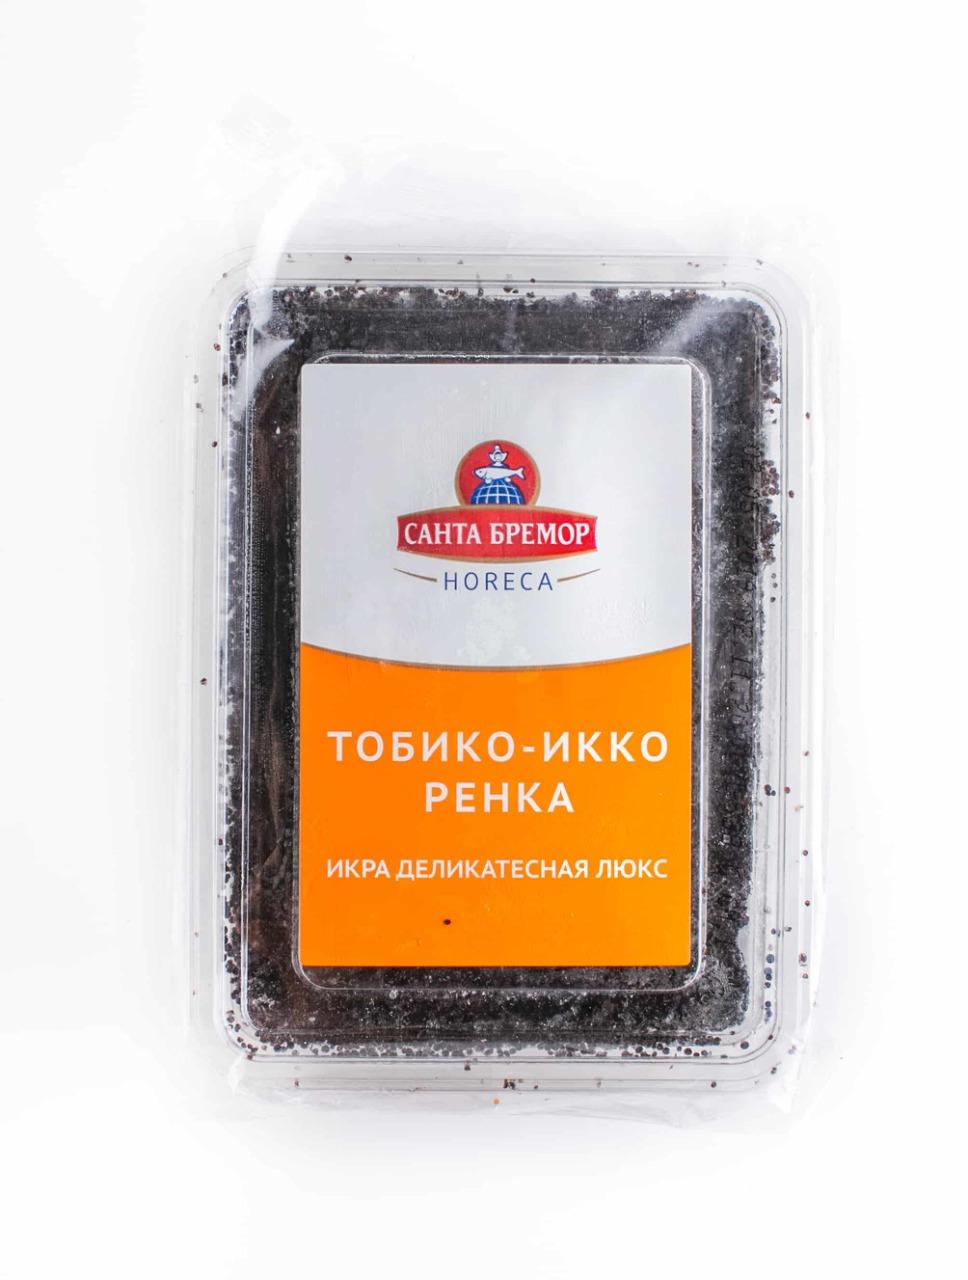 Tobiko Black Santa Bremor